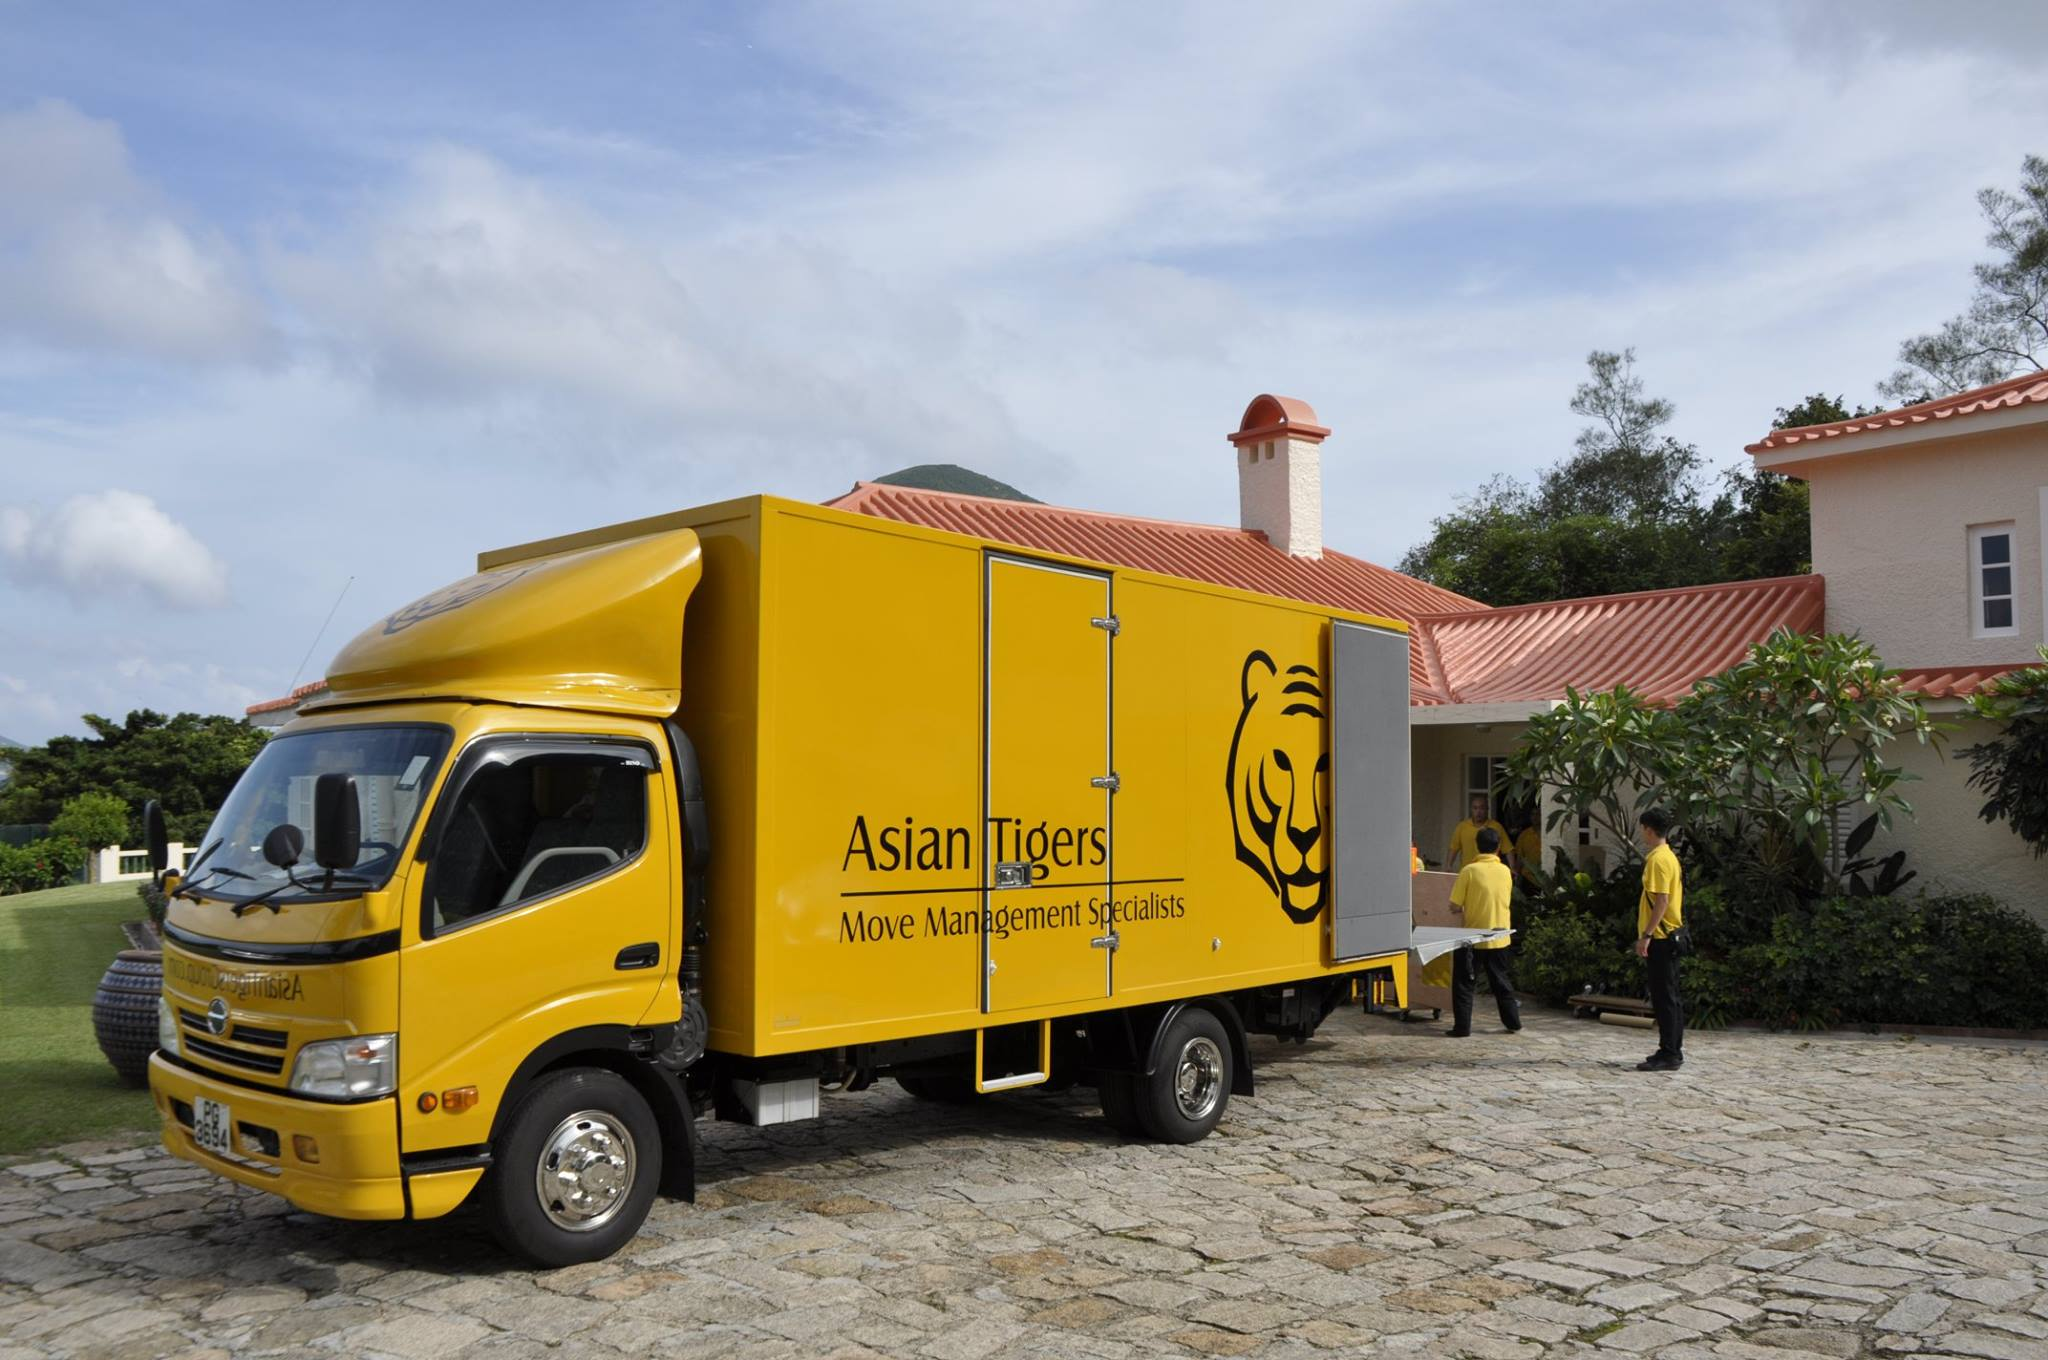 asian tigers truck Hong Kong moving companies